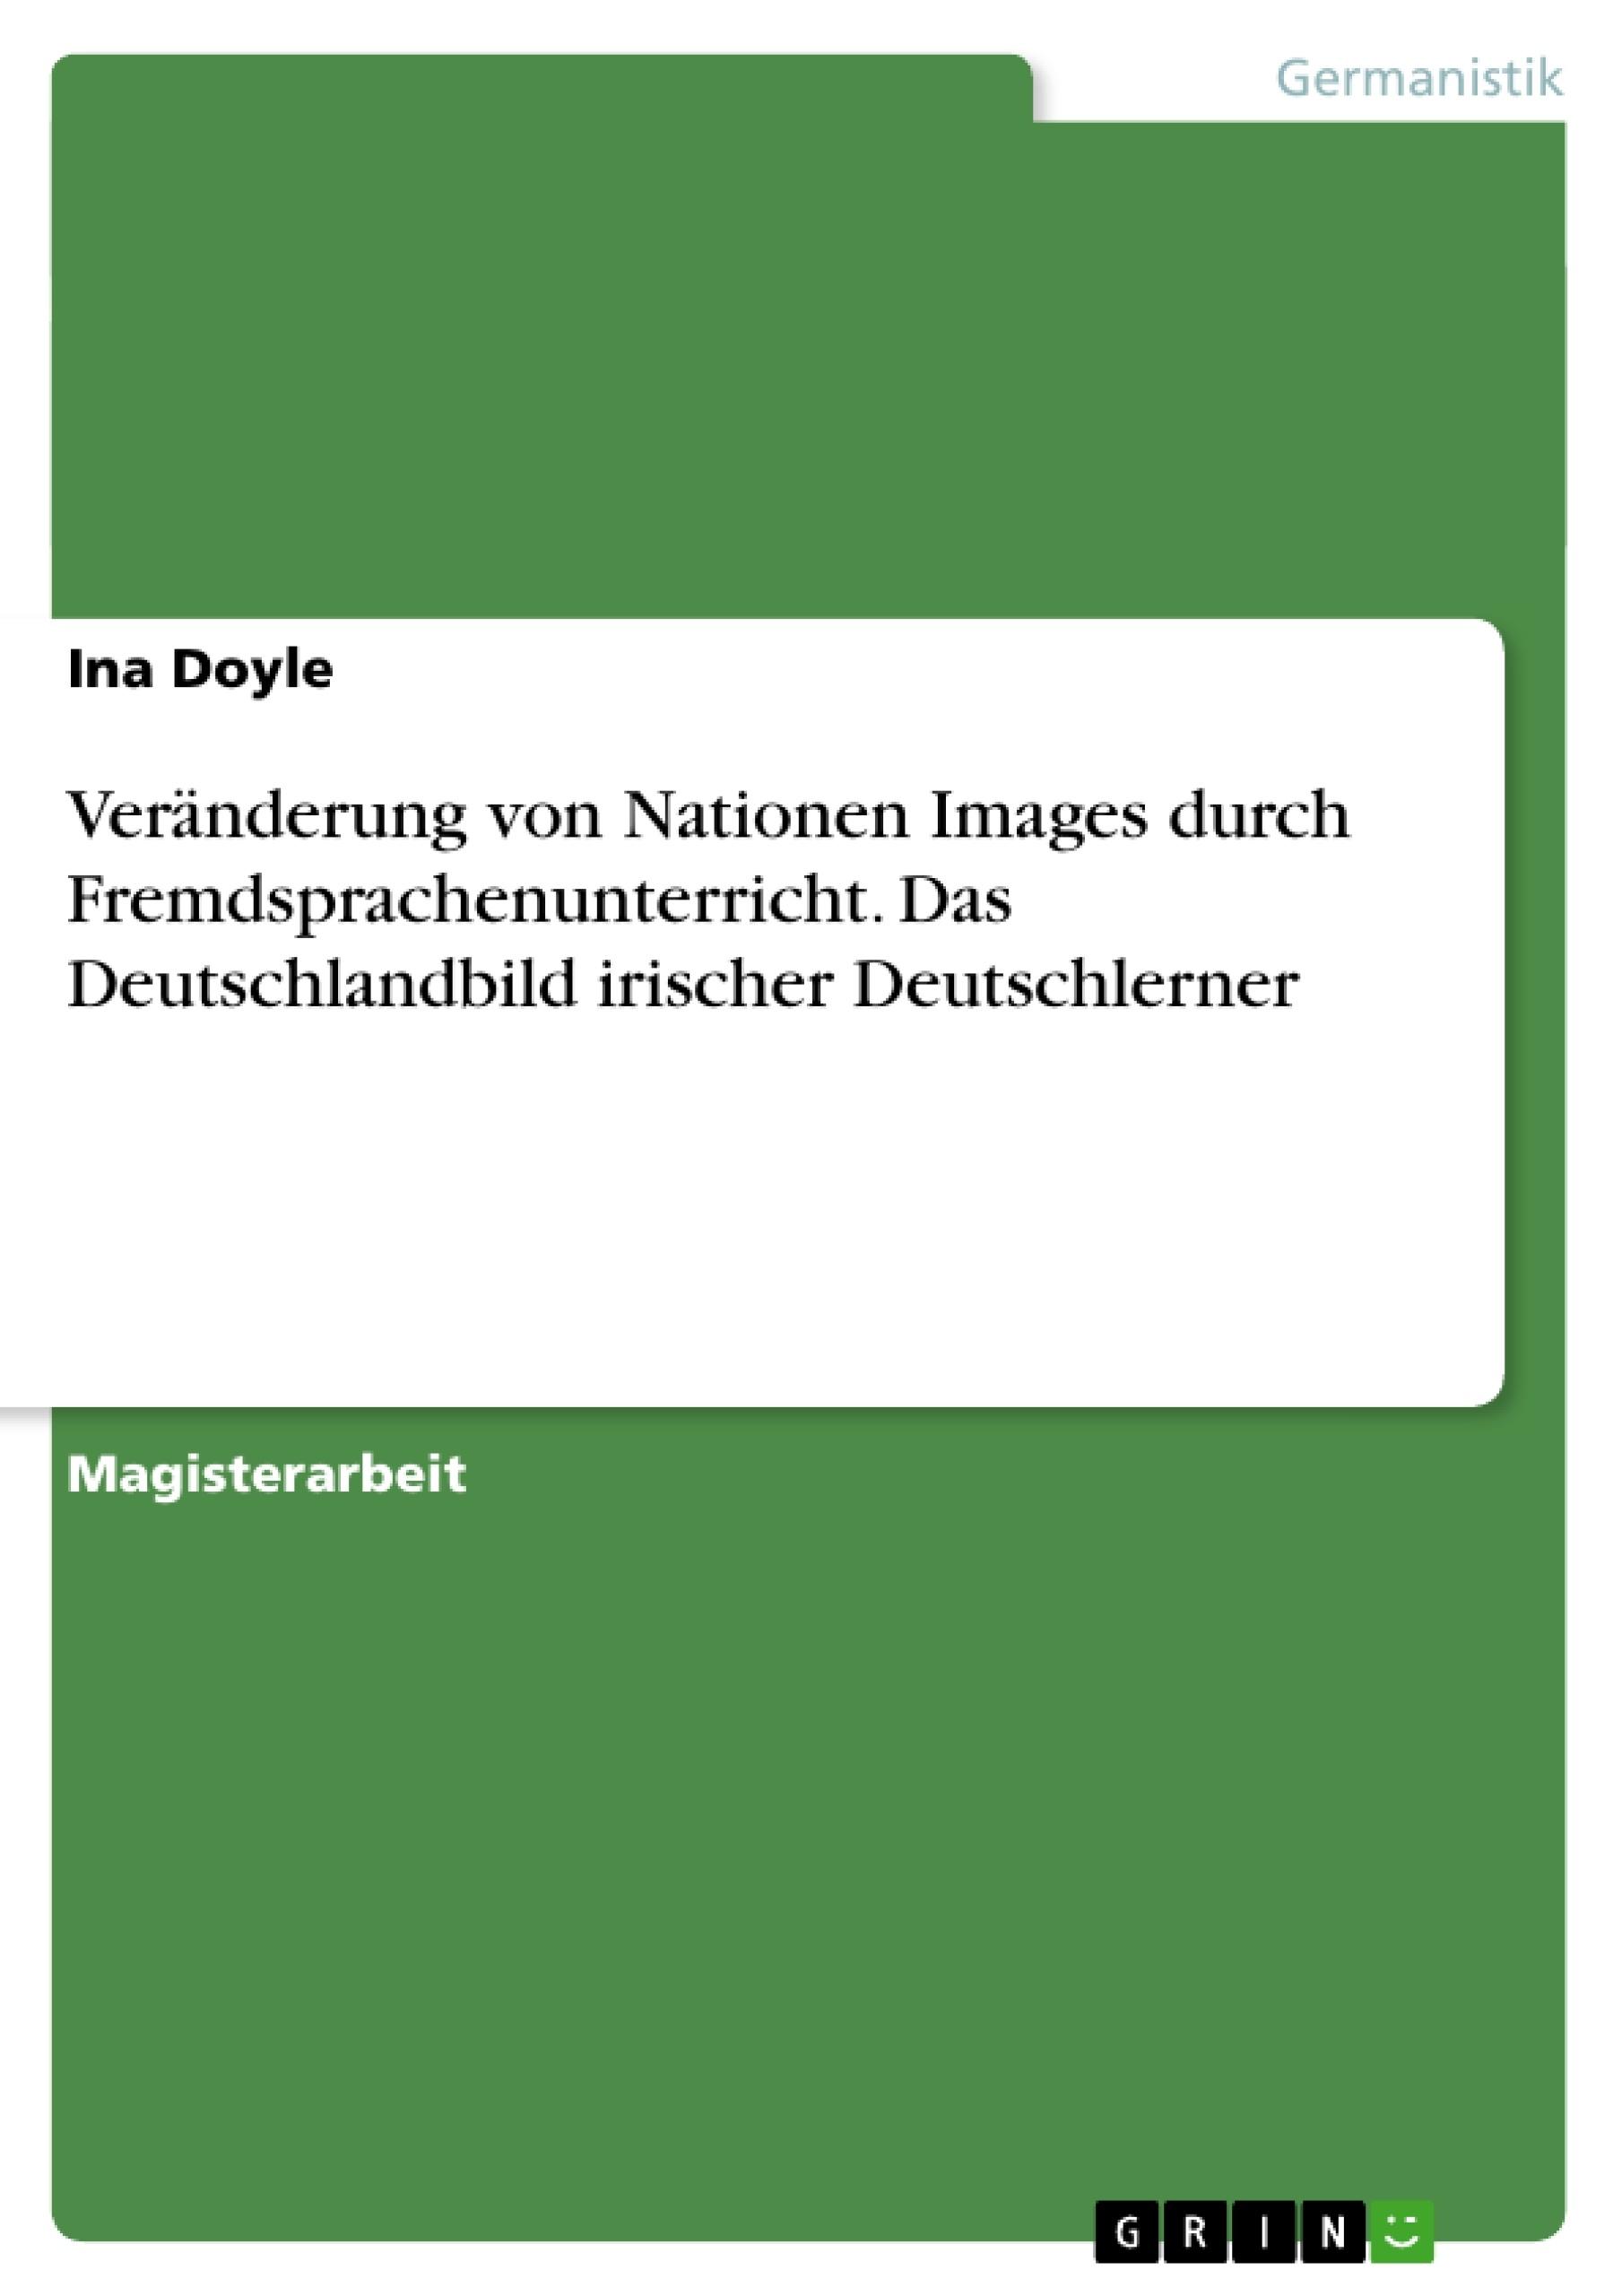 Titel: Veränderung von Nationen Images durch Fremdsprachenunterricht. Das Deutschlandbild irischer Deutschlerner